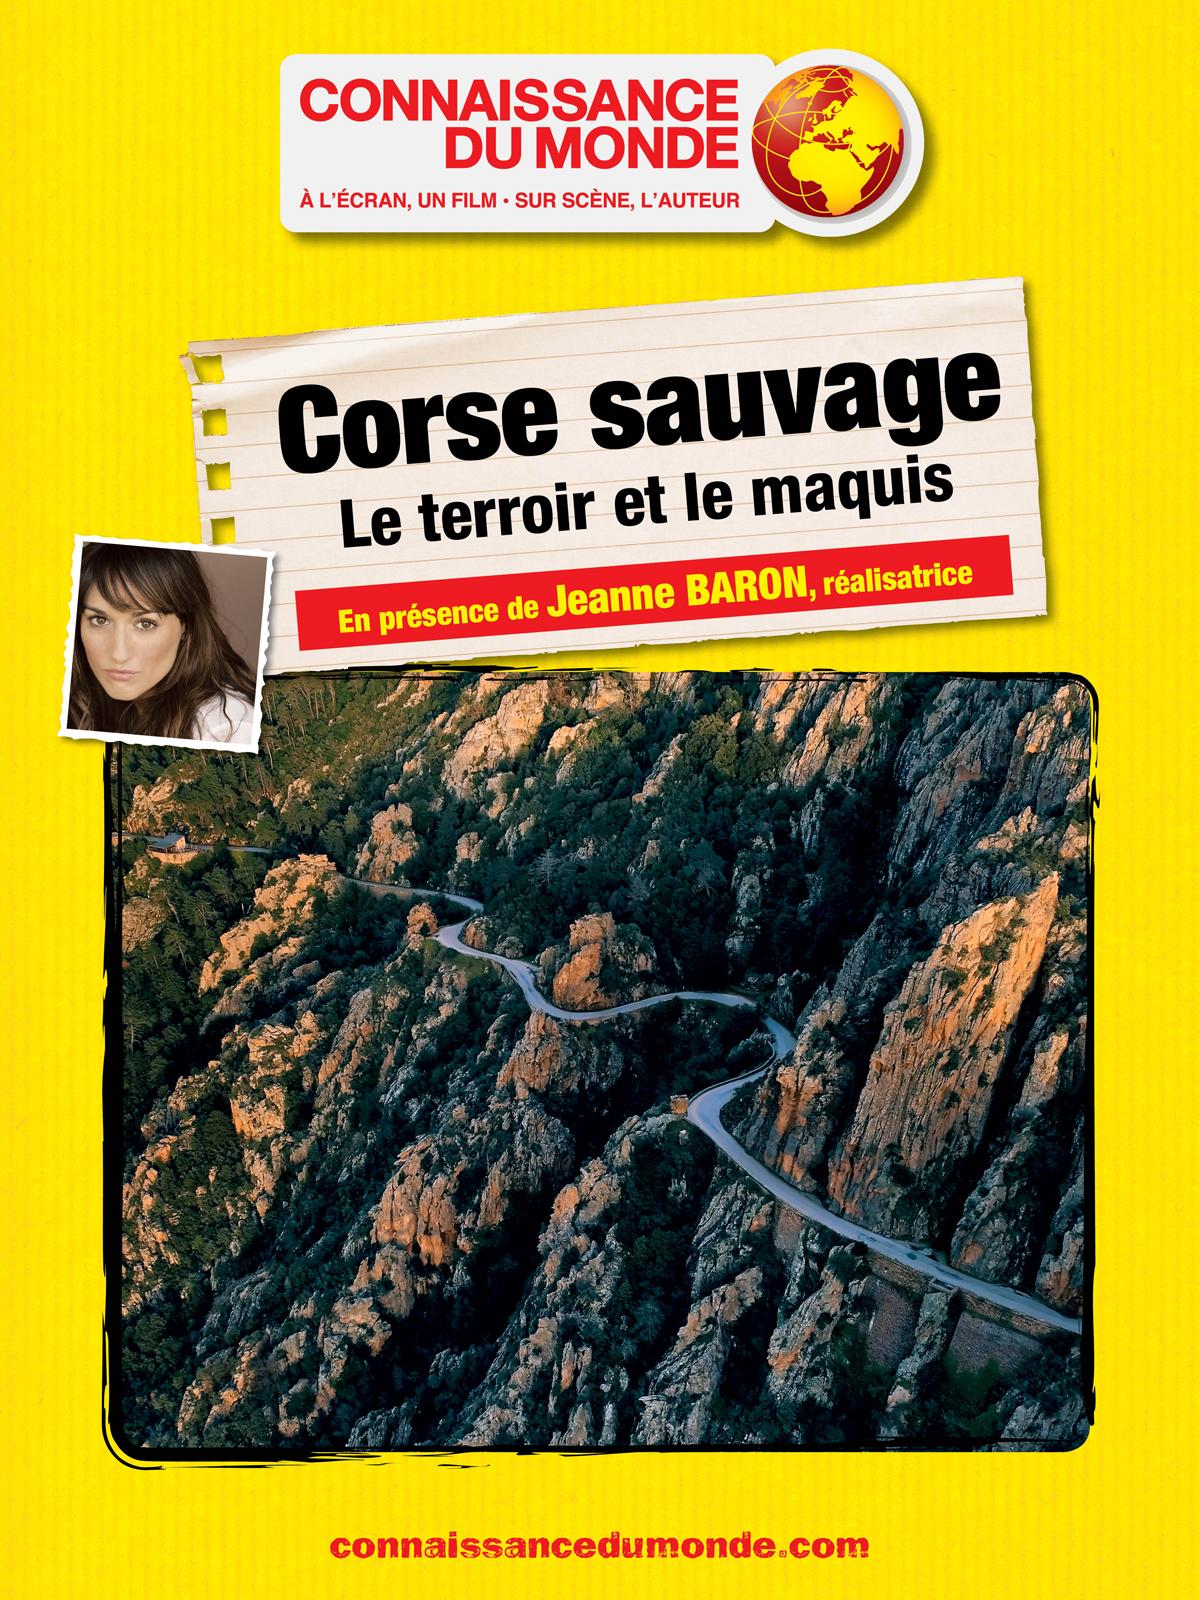 CORSE SAUVAGE, Les falaises et le maquis